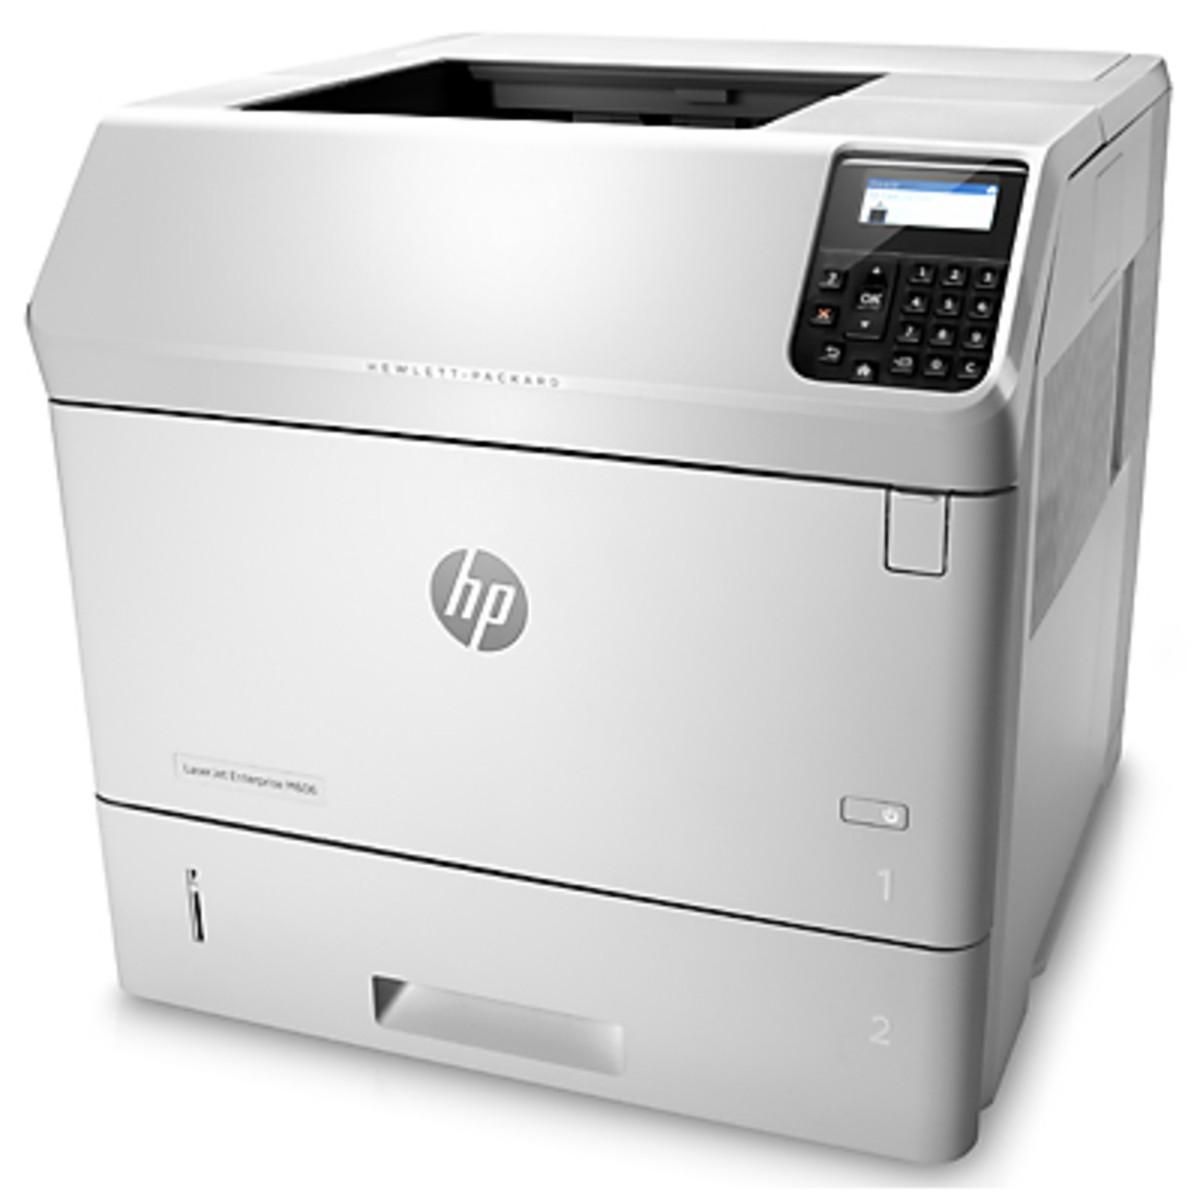 HP LaserJet Pro M606dn Printer